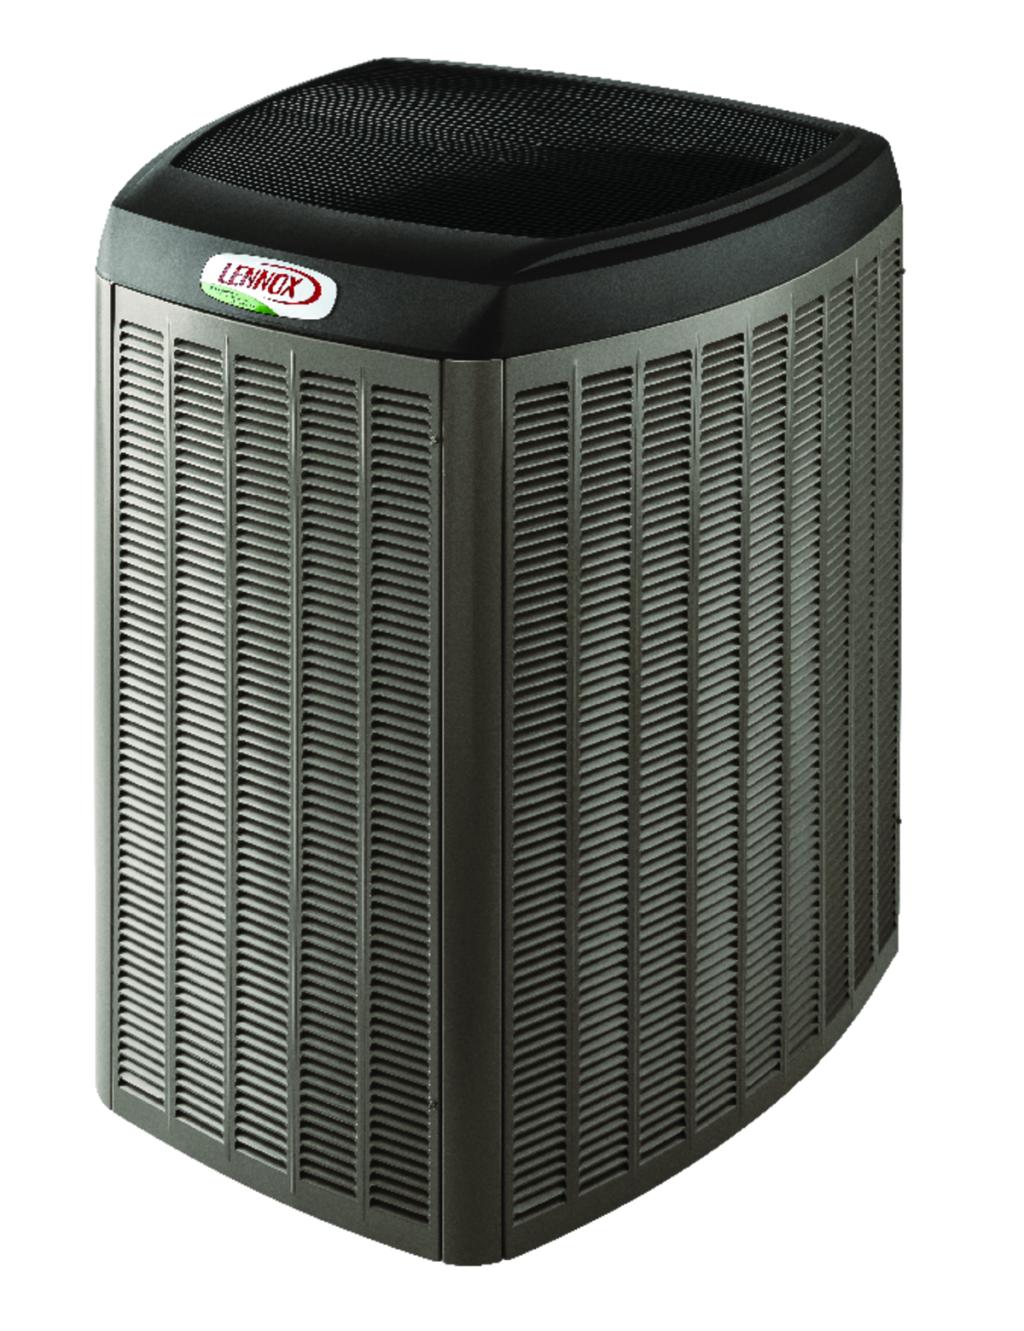 air conditioning sedro-woolley wa